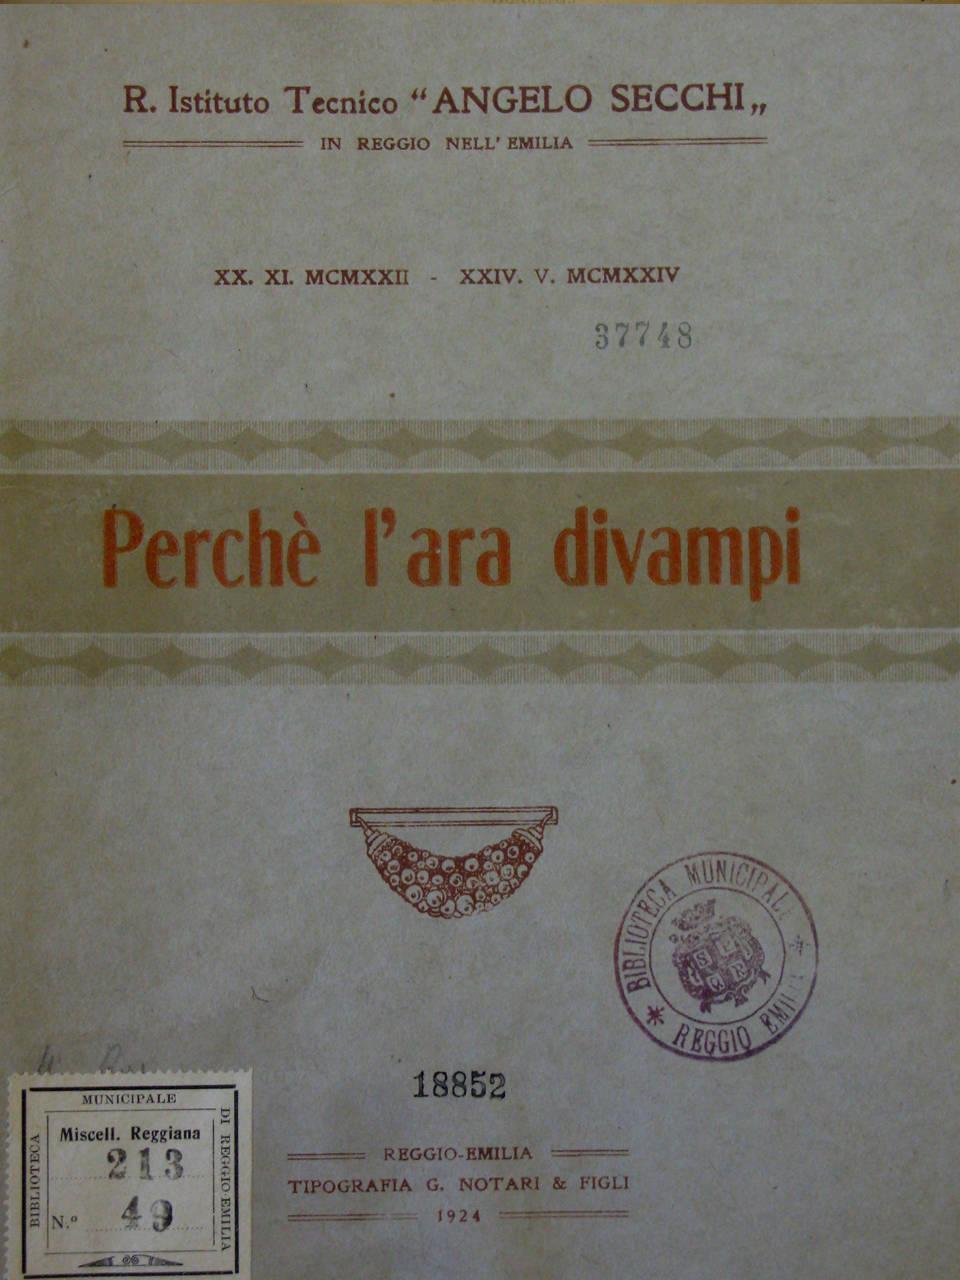 opuscolo commemorativo emeroteca biblioteca panizzi - reggio emilia 24 maggio 1924